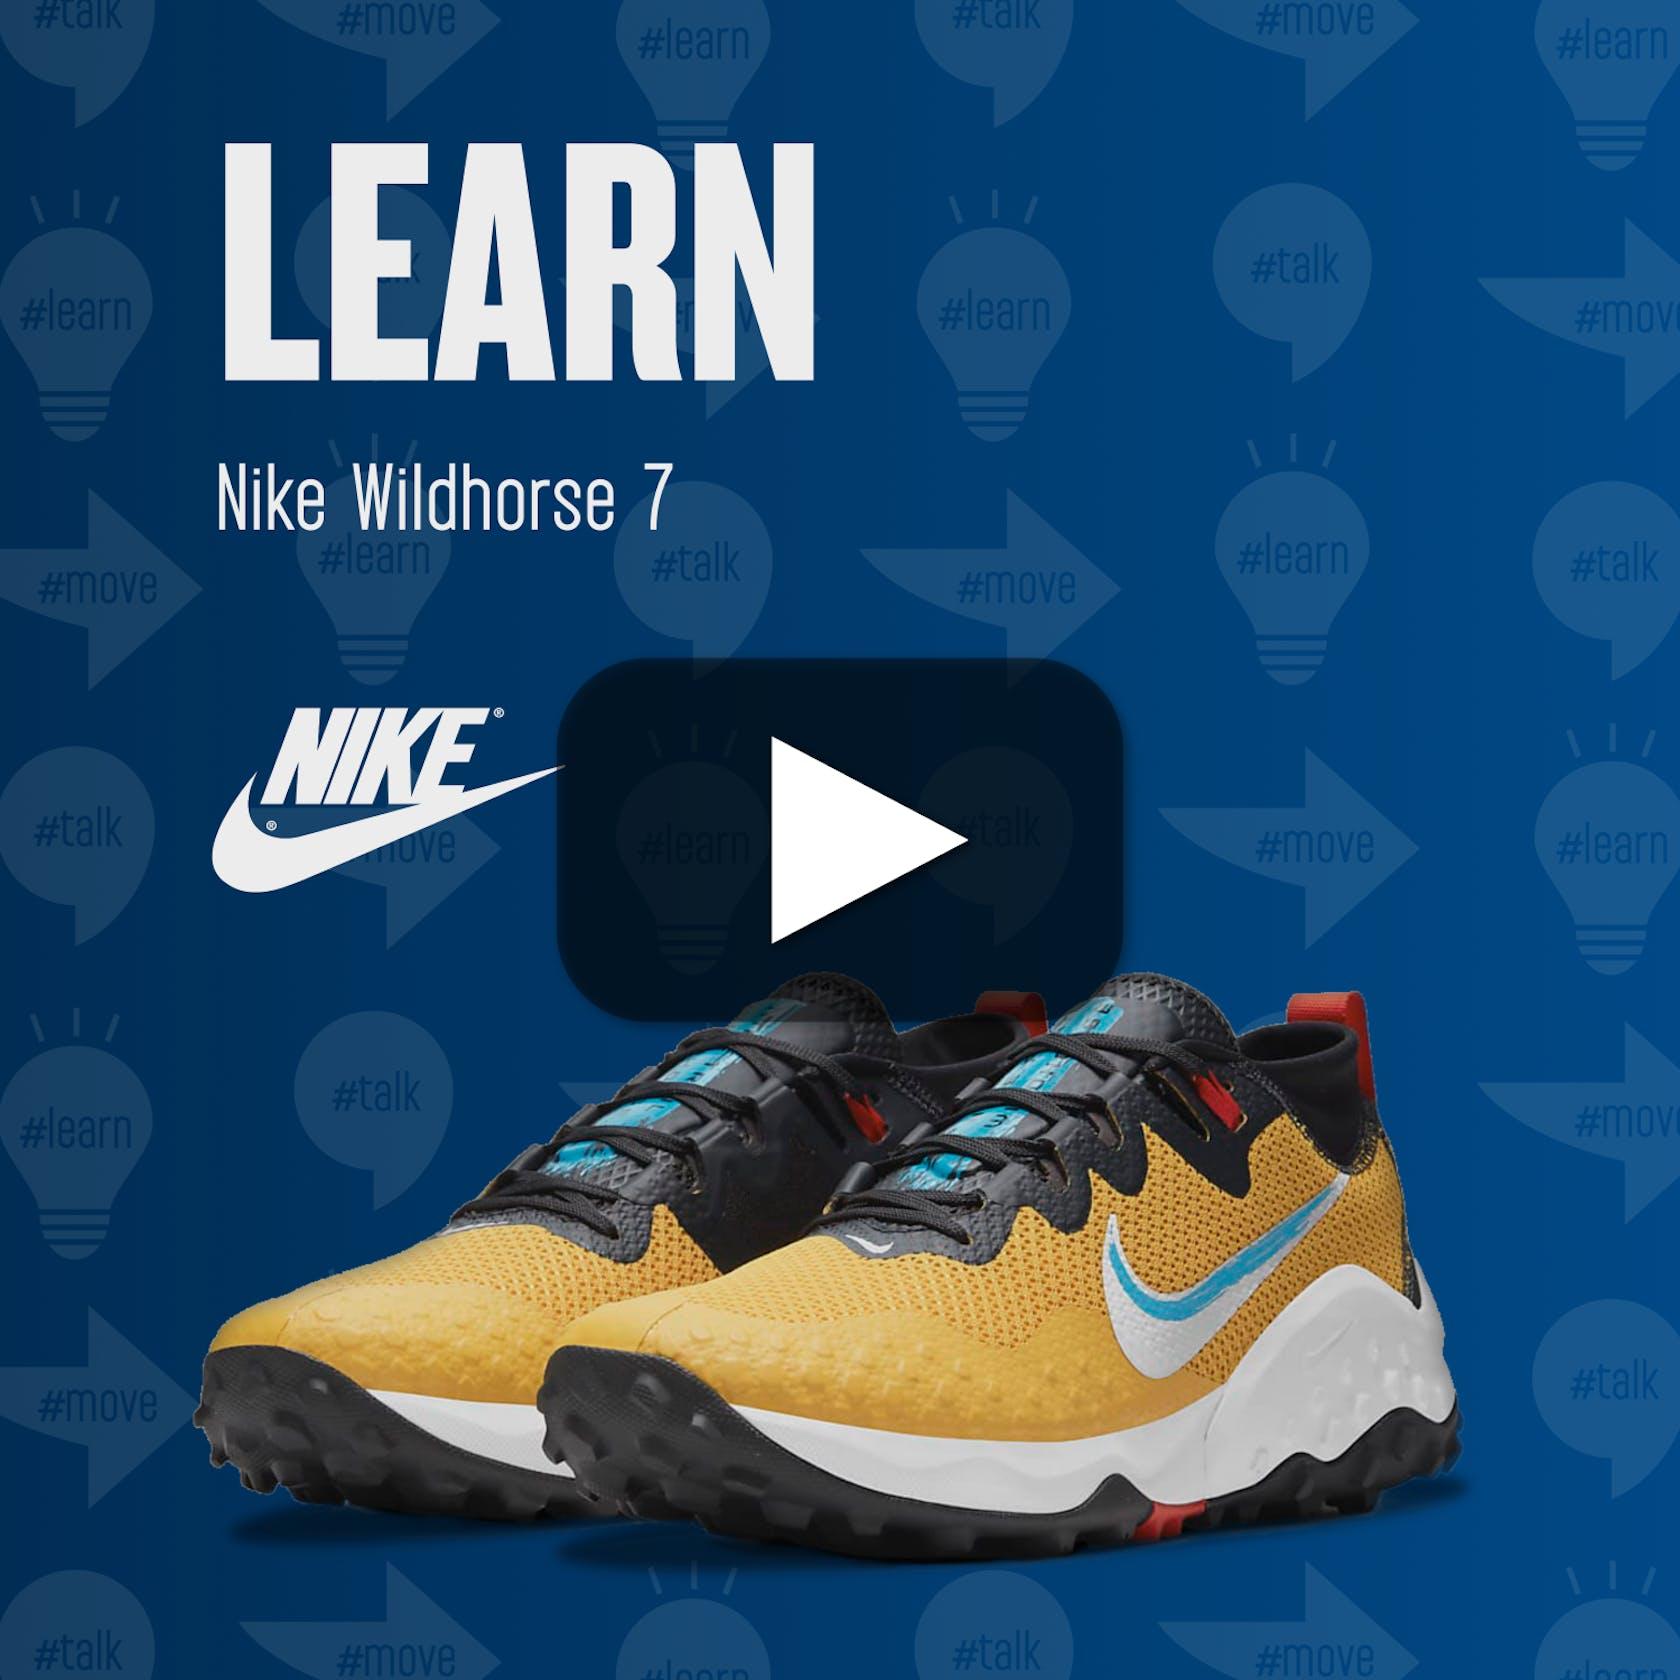 #LEARN Nike Wildhorse 7